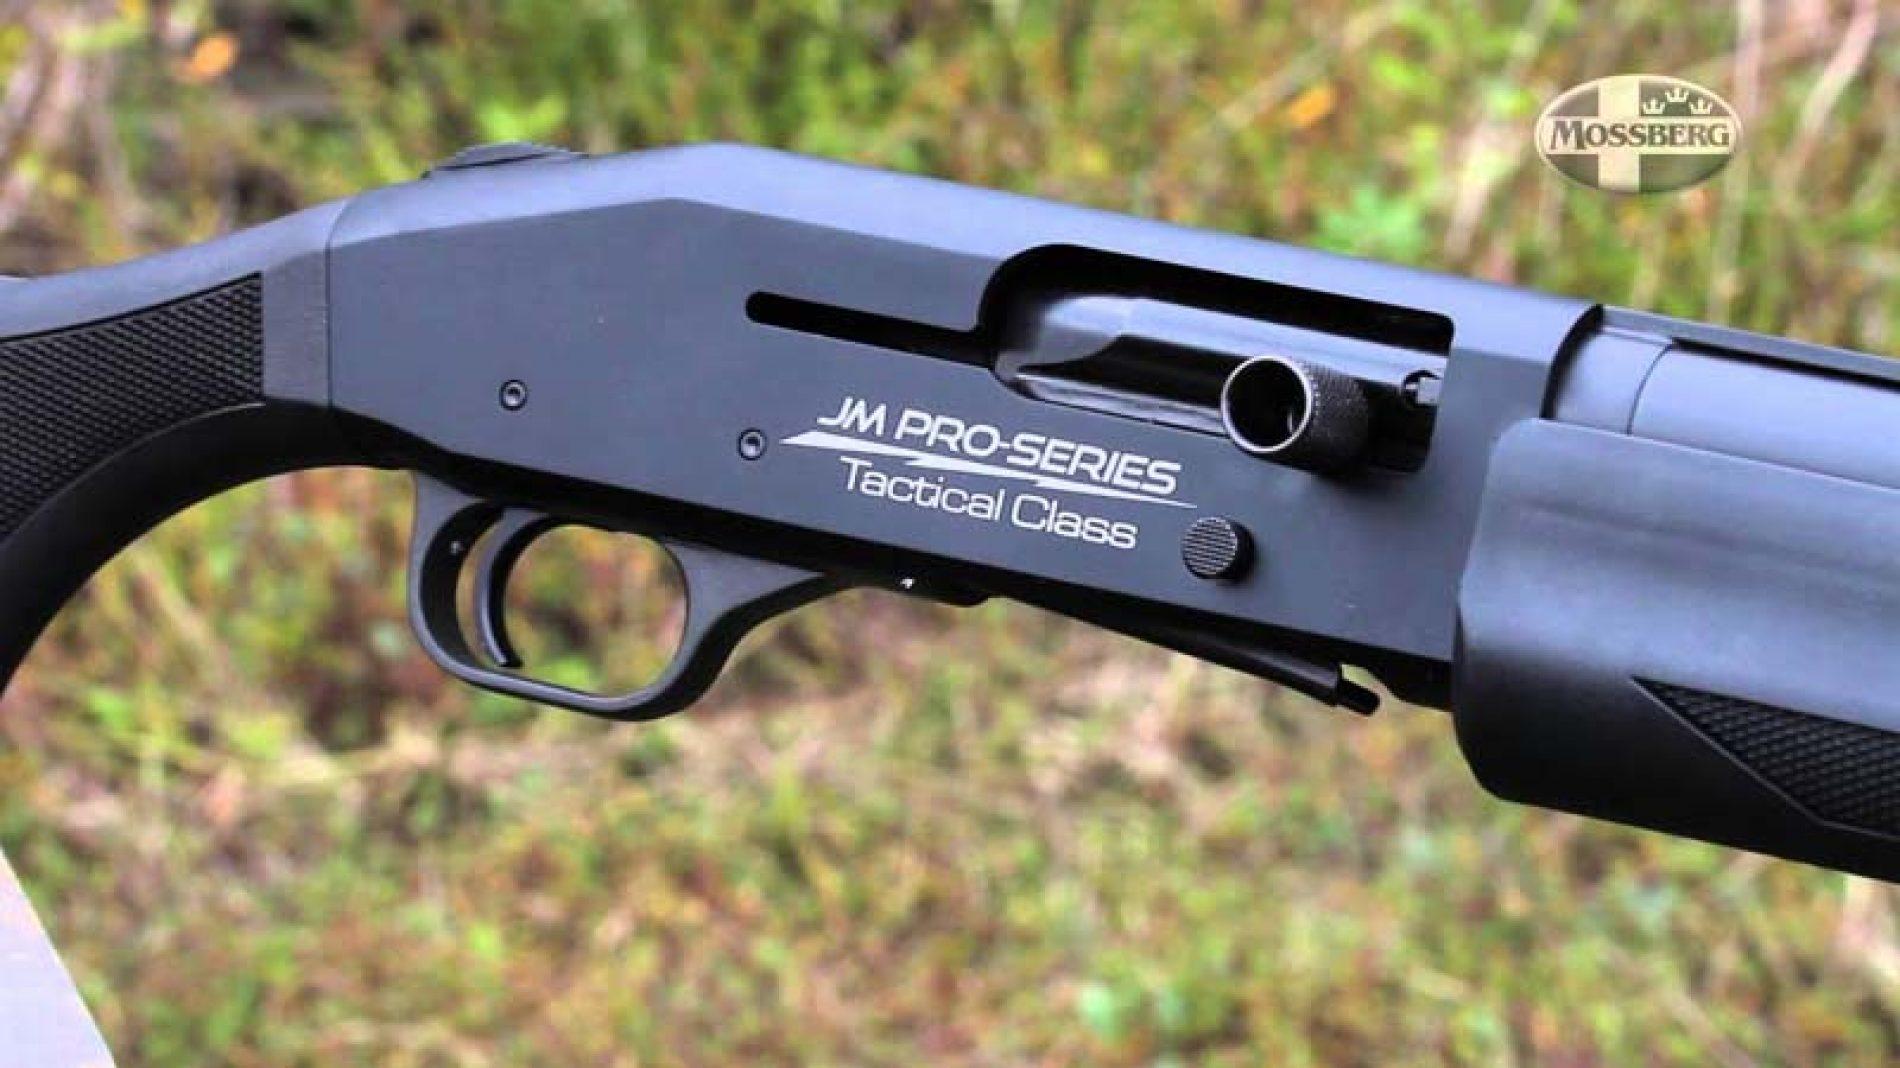 BORCHERS anuncia la disponibilidad de la escopeta semiautomática MOSSBERG 930 JM Pro-Series